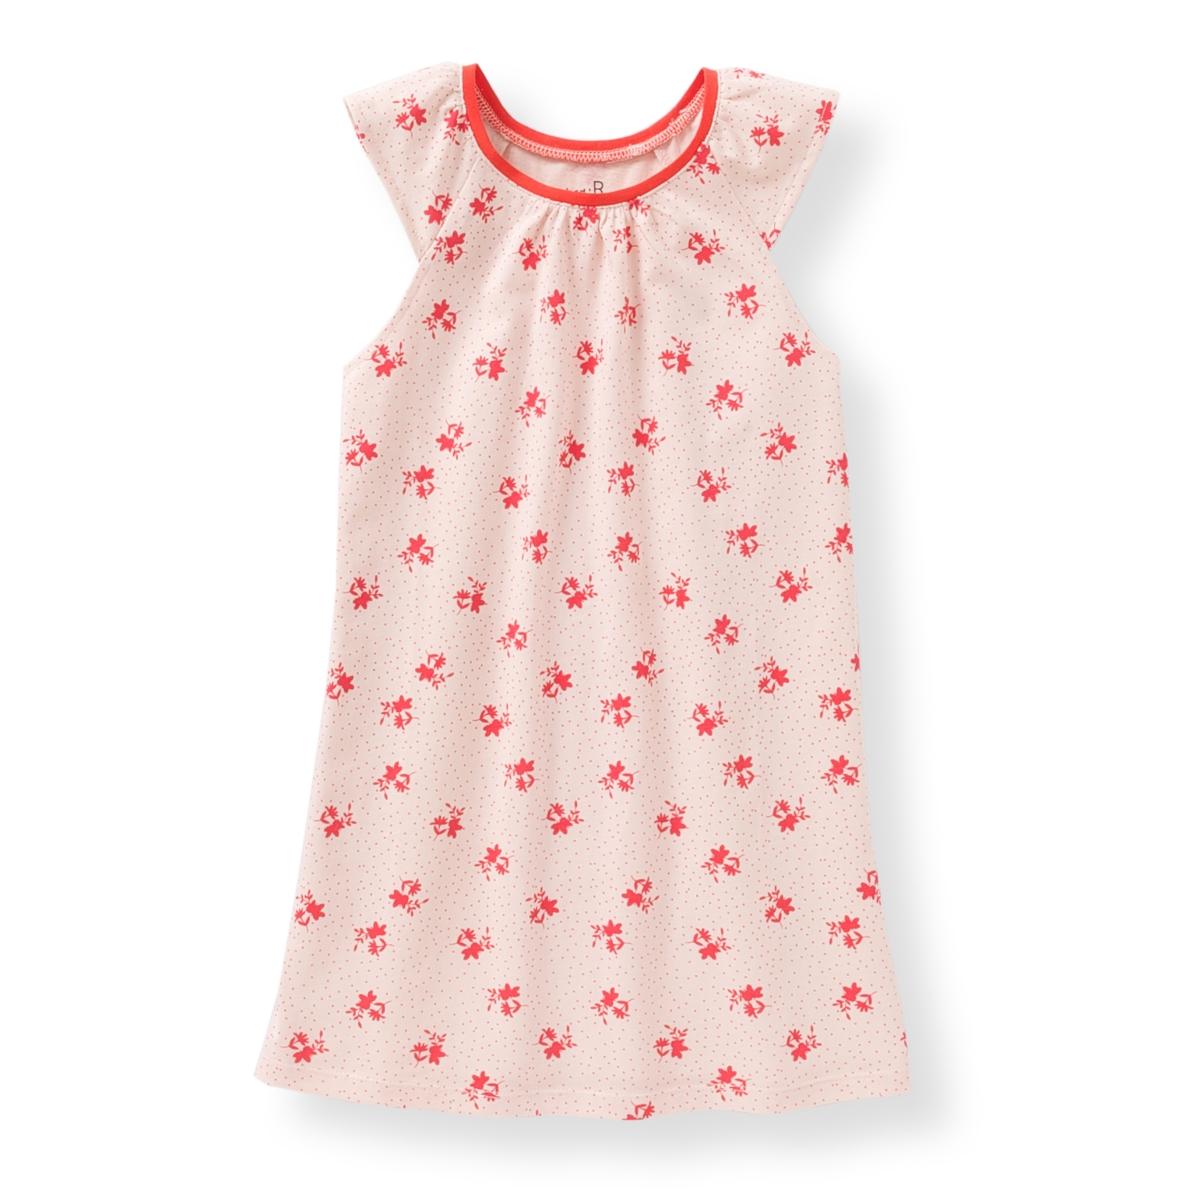 Сорочка ночная с цветочным рисунком,  2-12 лет